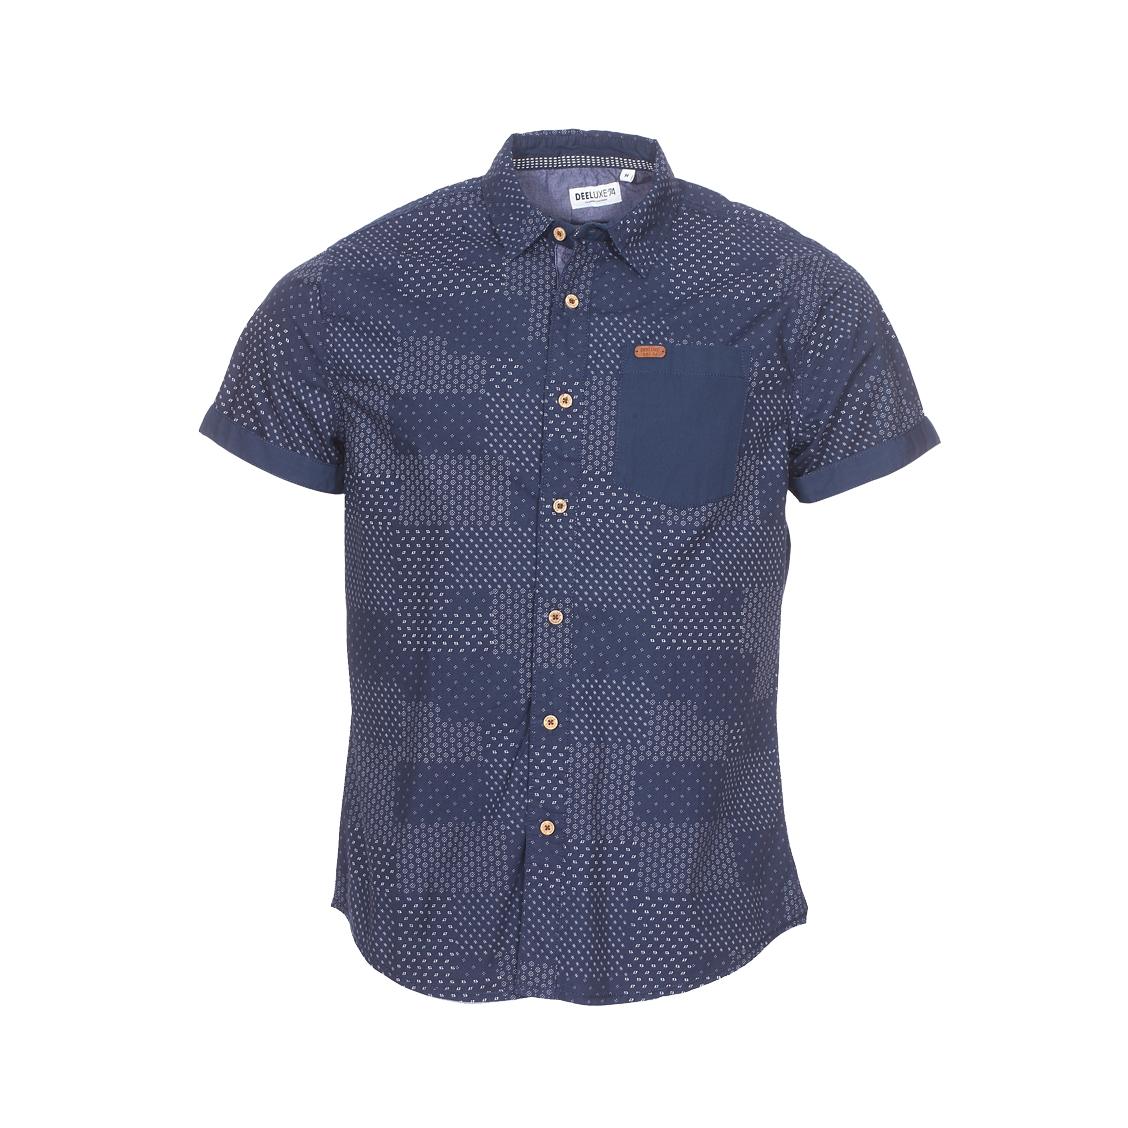 Chemise ajustée manches courtes  ethnic en coton bleu marine à motifs blancs